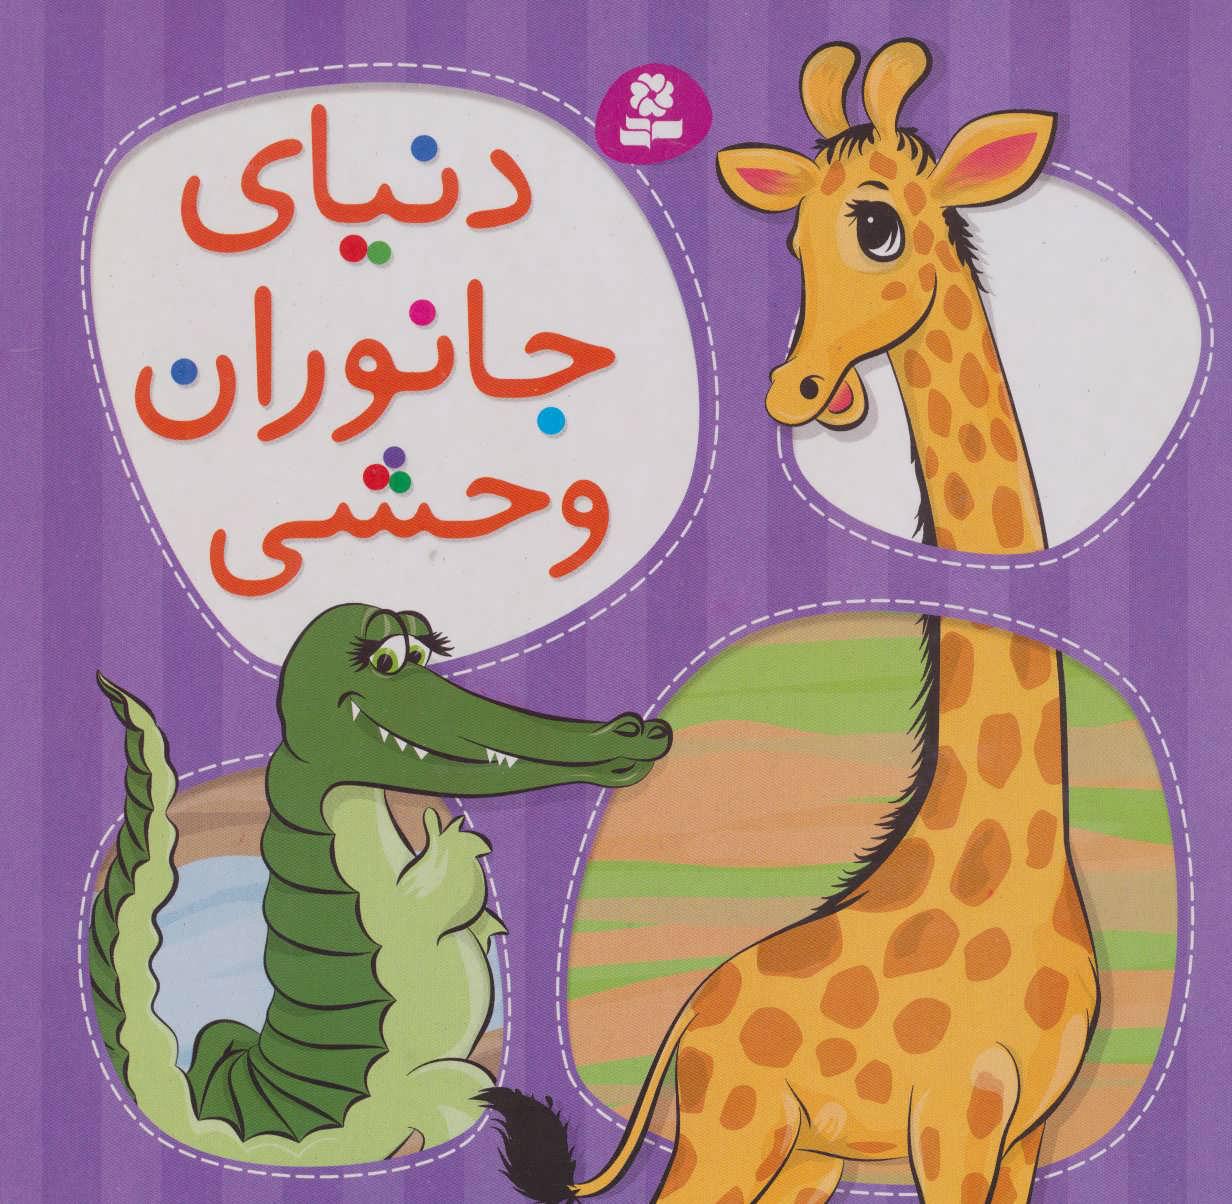 کتاب دنیای جانوران وحشی